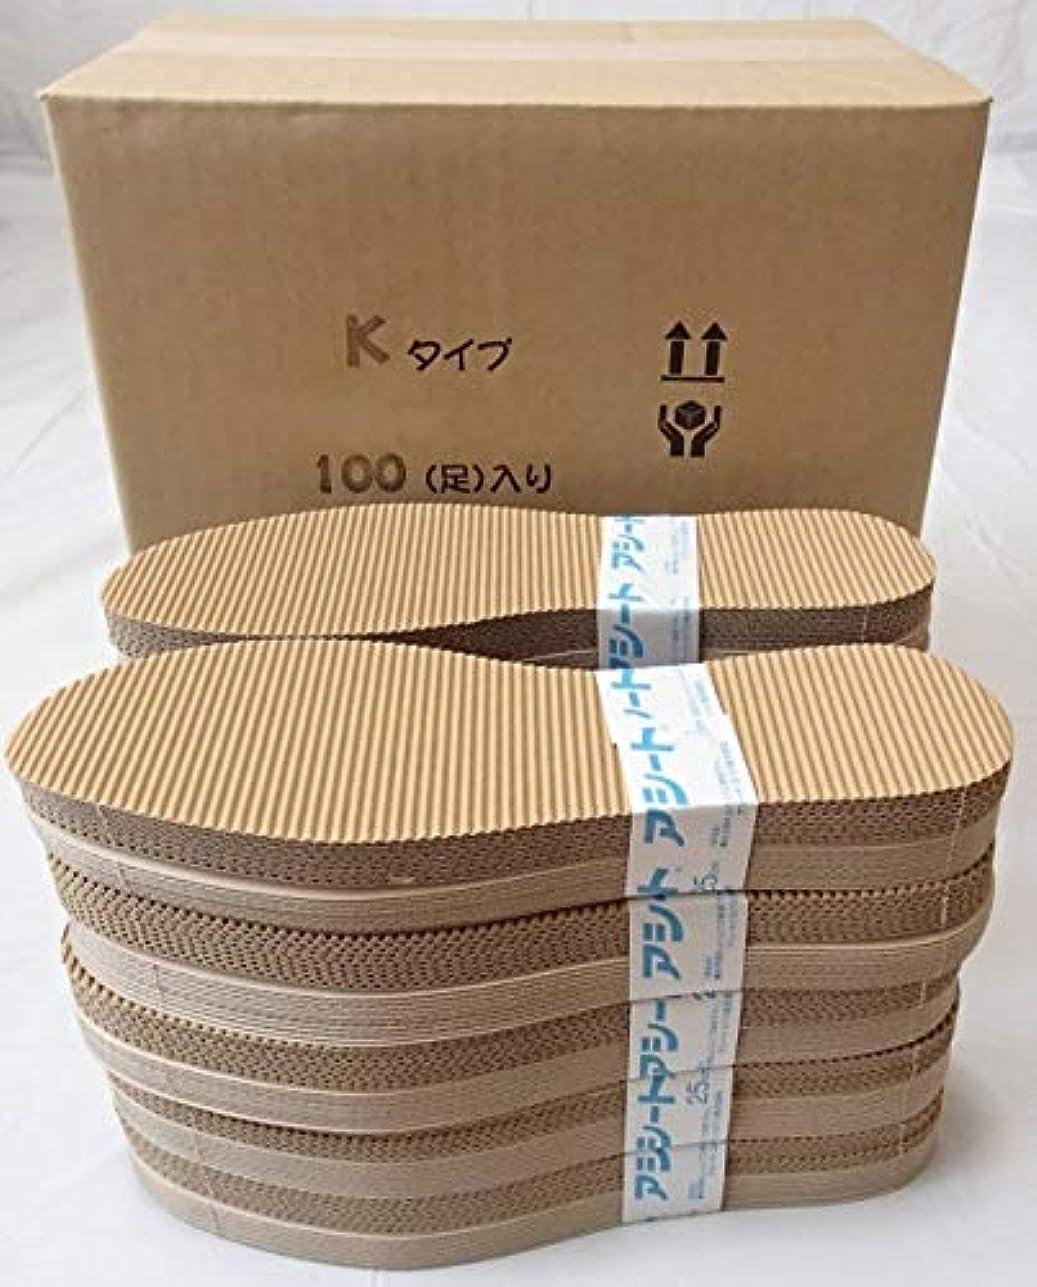 アシートKタイプお得用パック100足入り (22.5~23.0cm)